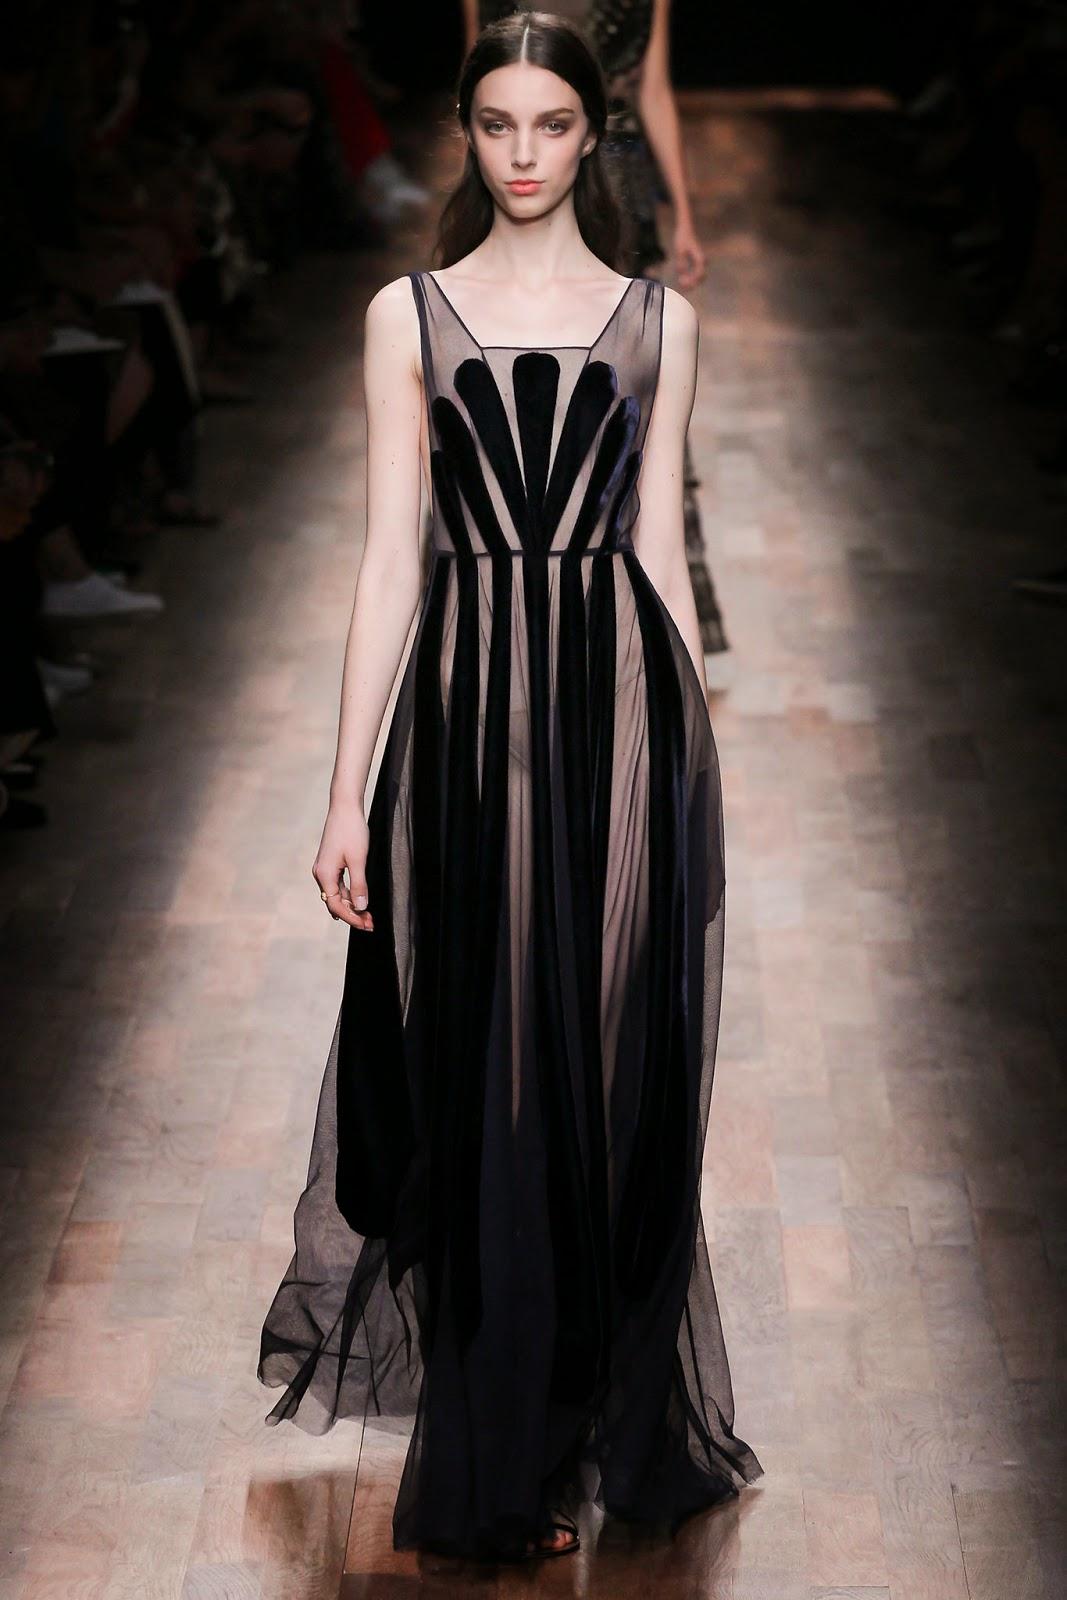 valentino 2015 summer 2016 trend women dress75 Valentino 2015 samling, våren sommaren 2016 Valentino klänning modeller, Valentino kväll klänning nya säsongen kvinnors kjolar modeller